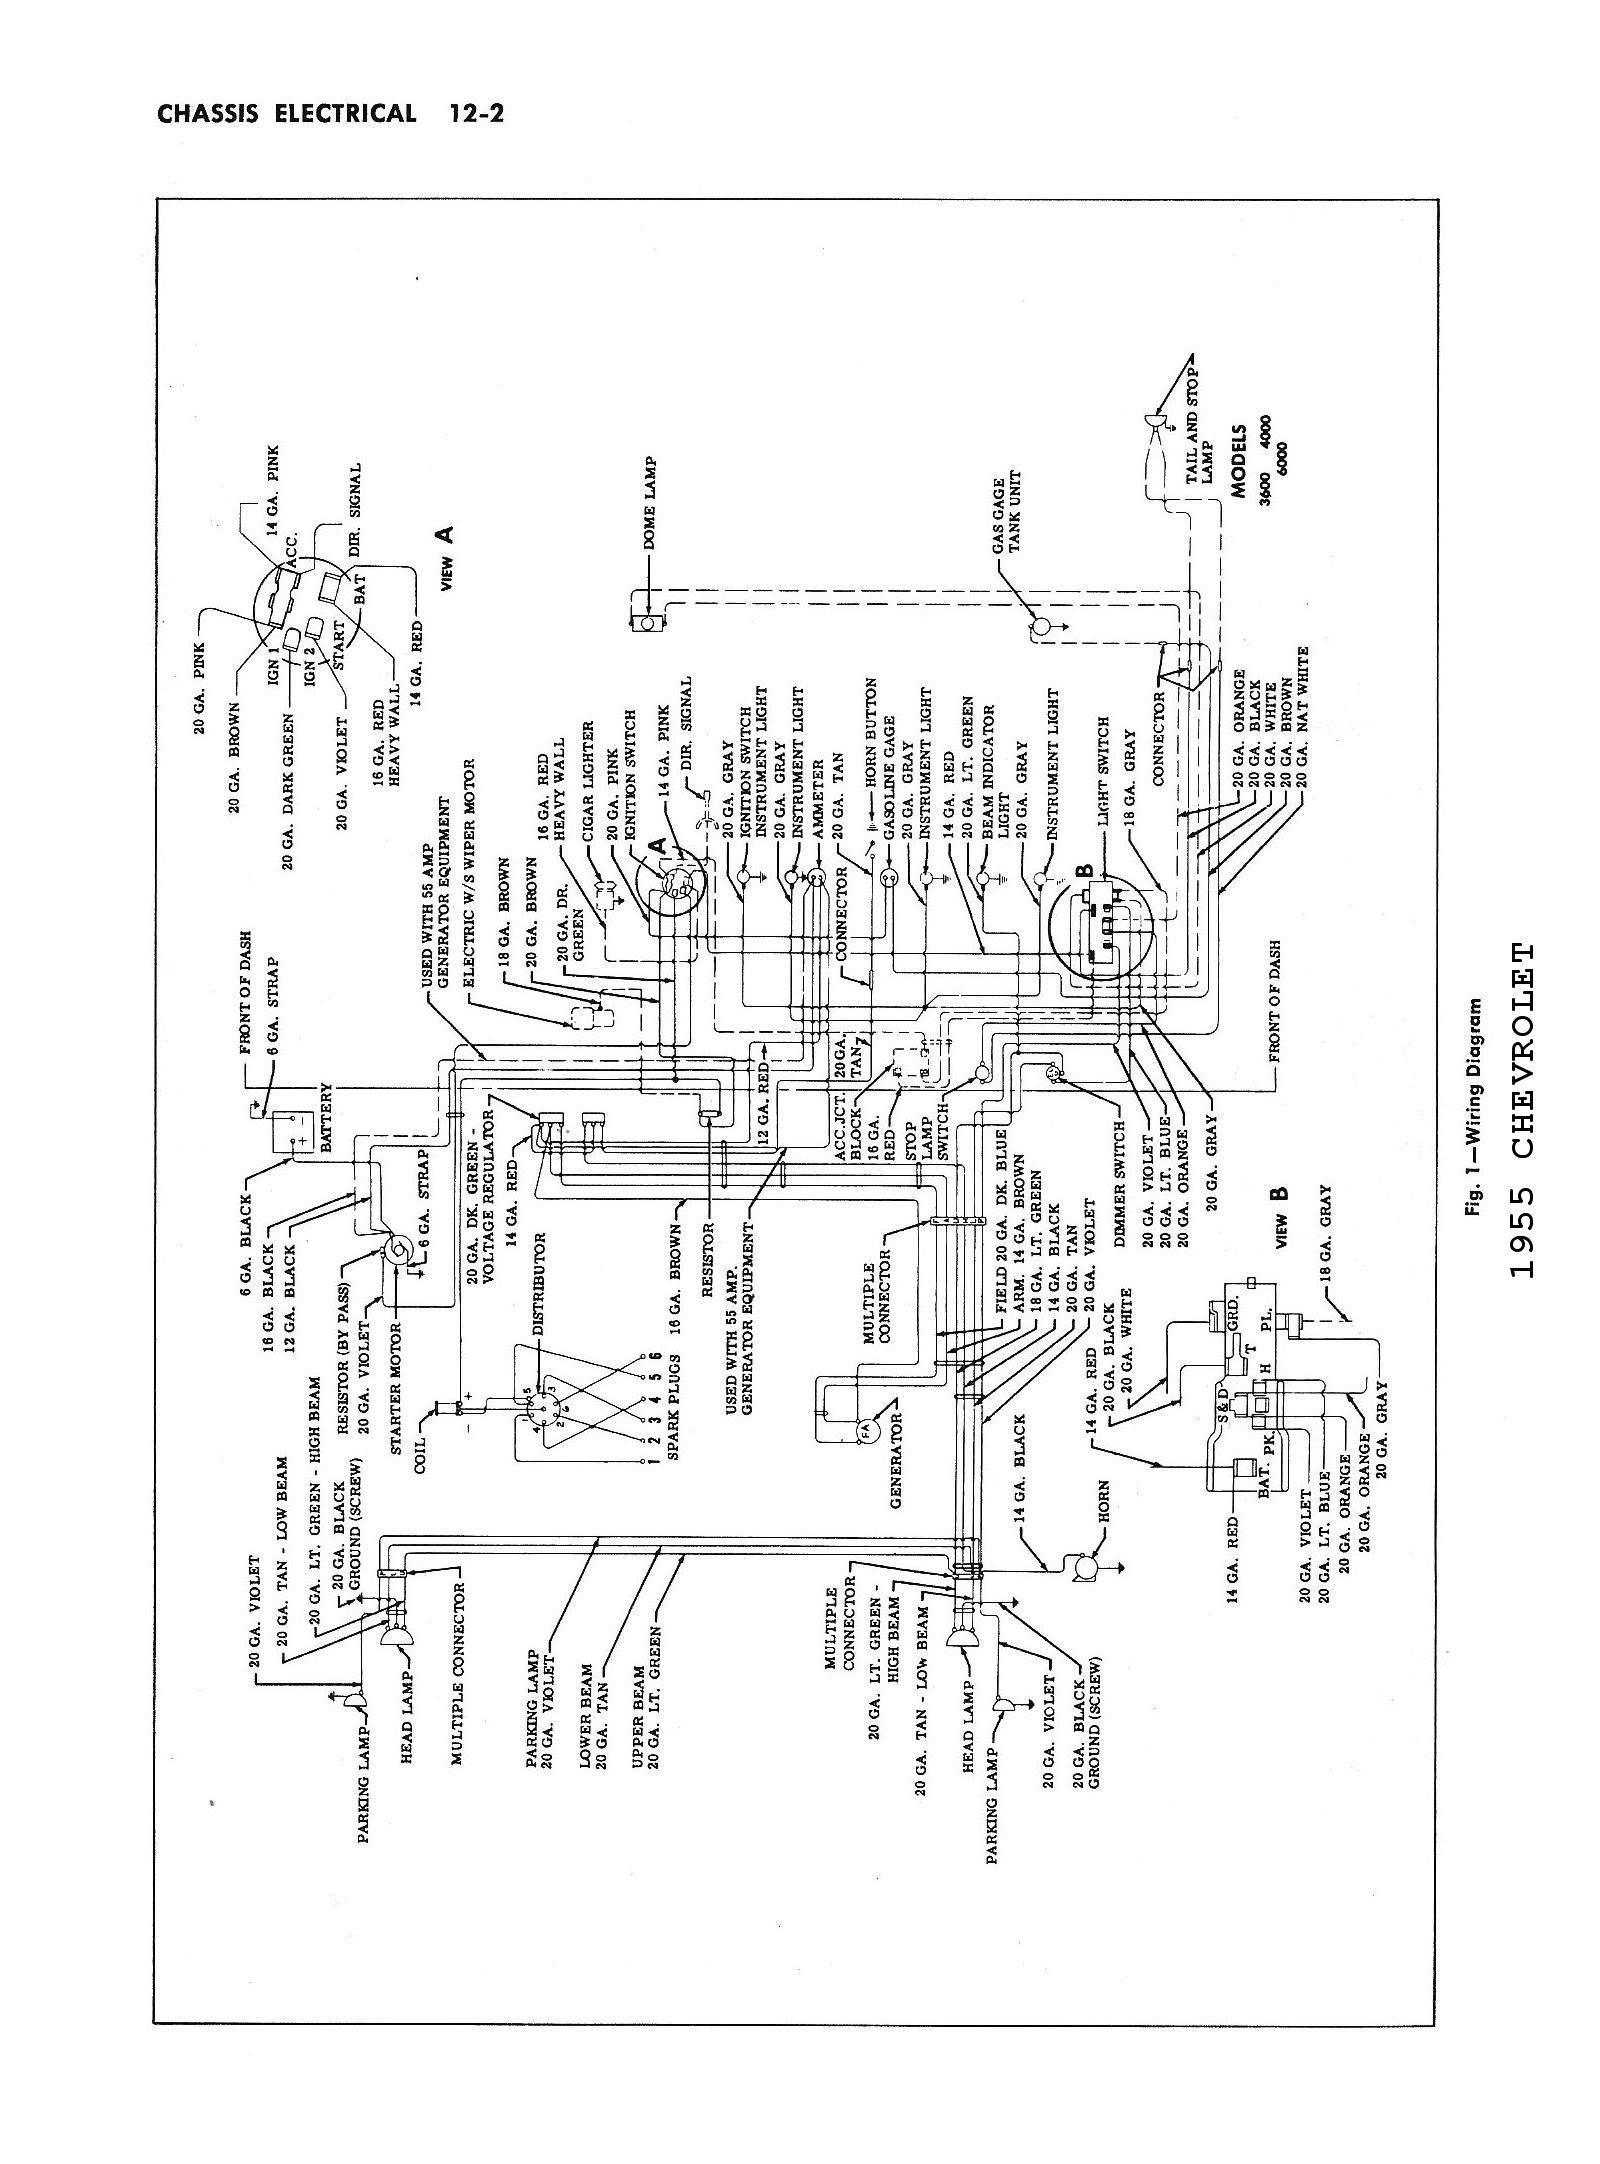 1995 Vortec 350 Wiring Harness Diagram 86 Ford Truck Wiring Diagram Schematics Source Yenpancane Jeanjaures37 Fr